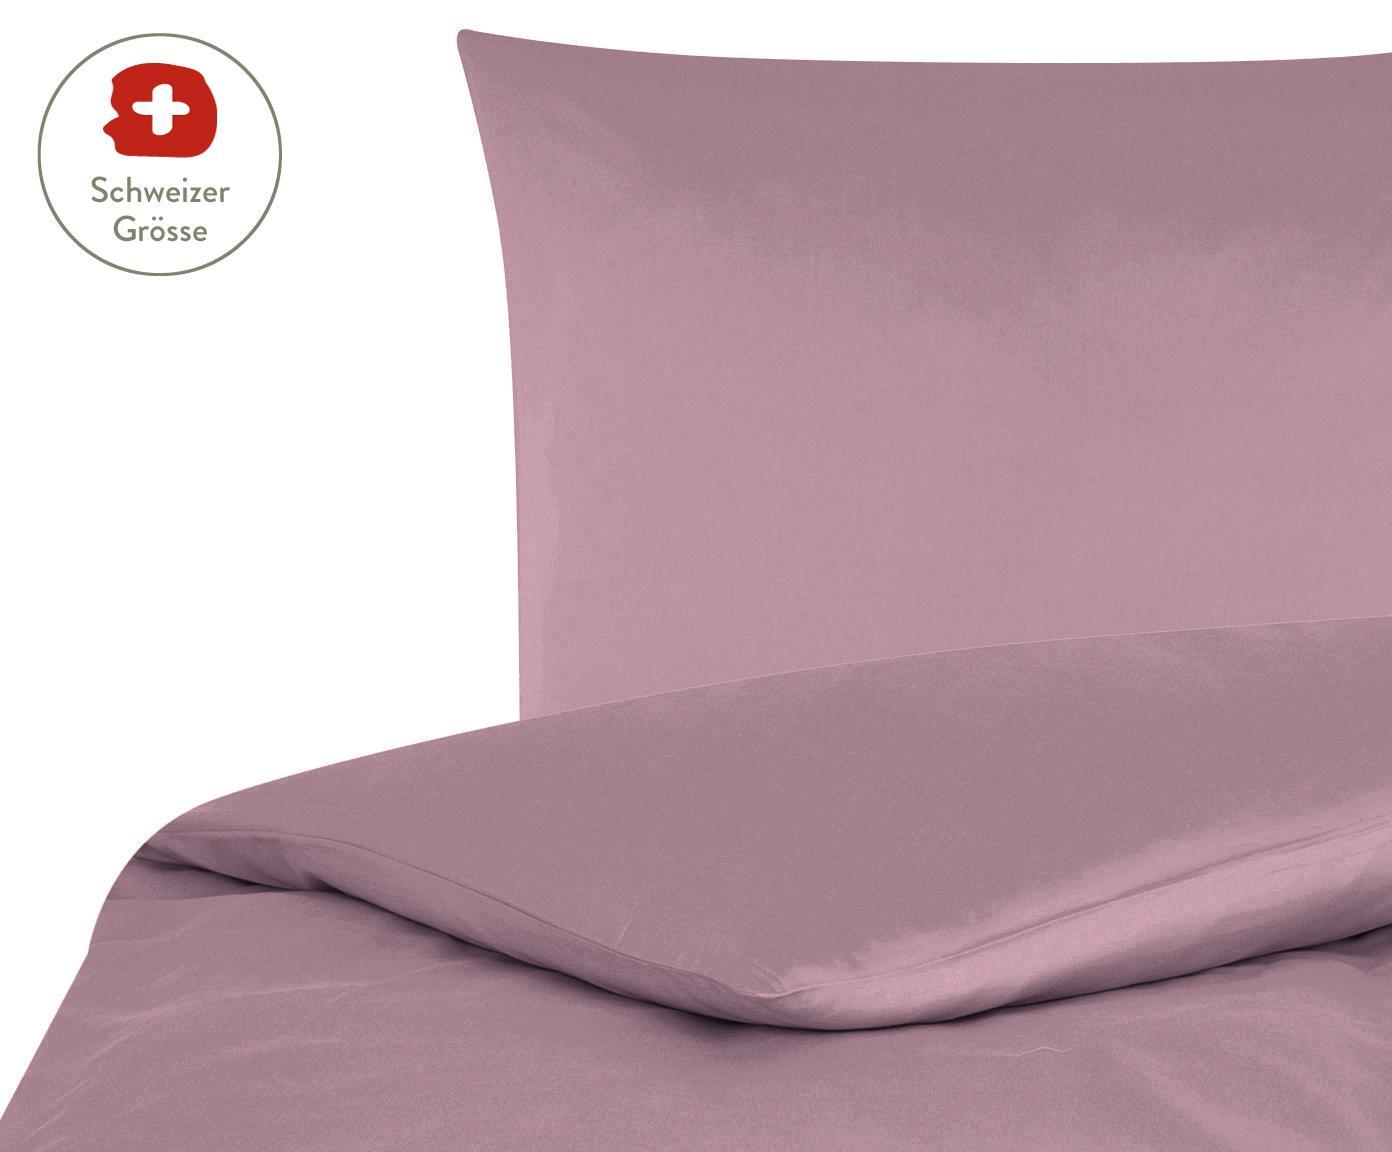 Baumwollsatin-Bettdeckenbezug Comfort in Mauve, Webart: Satin, leicht glänzend, Mauve, 160 x 210 cm